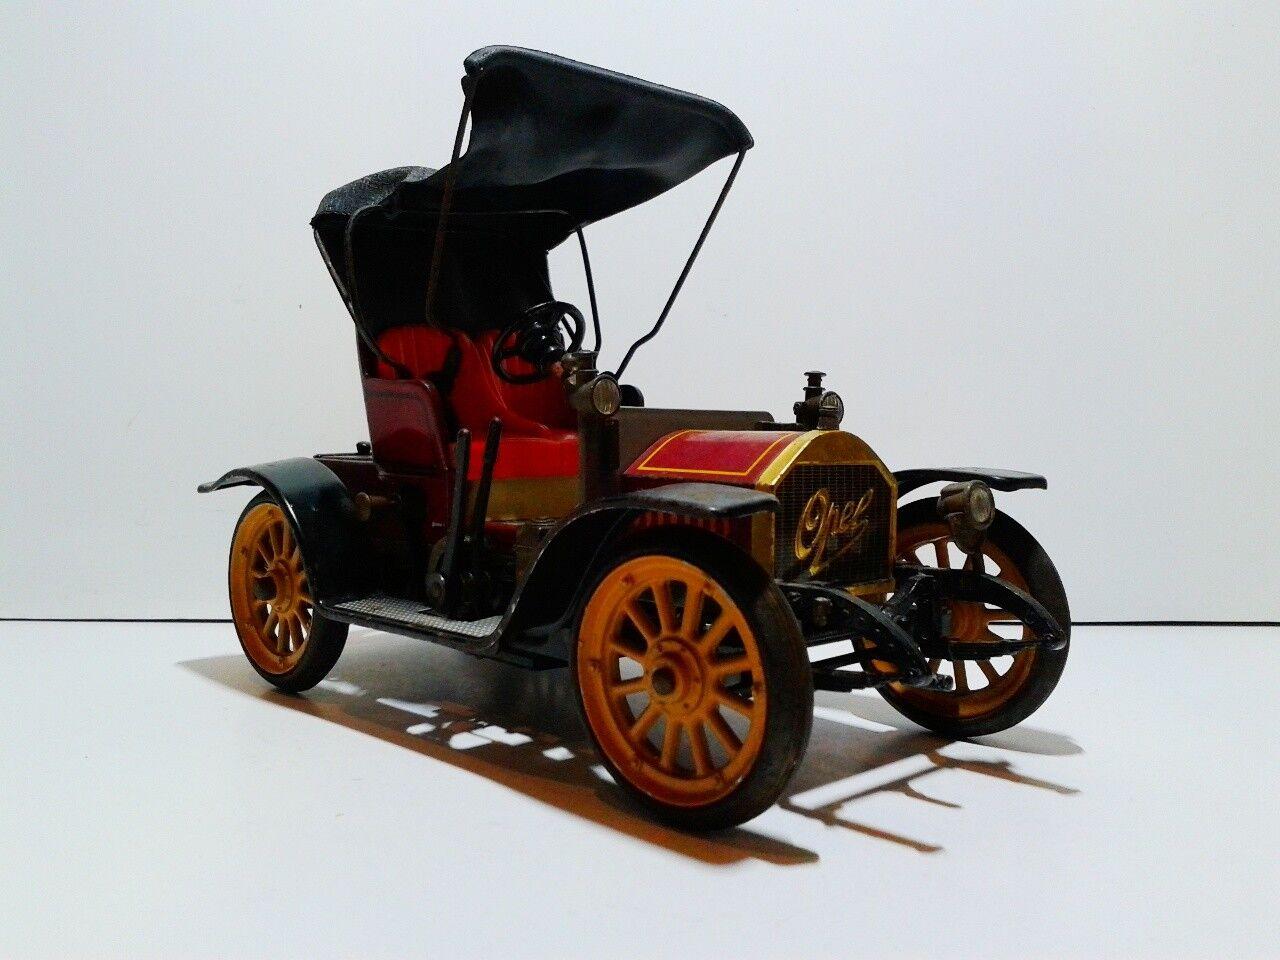 el mas reciente Vintage Vintage Vintage roadster 1228 Opel doctor coche 4 8 PS 1909 Clocwork  muchas concesiones